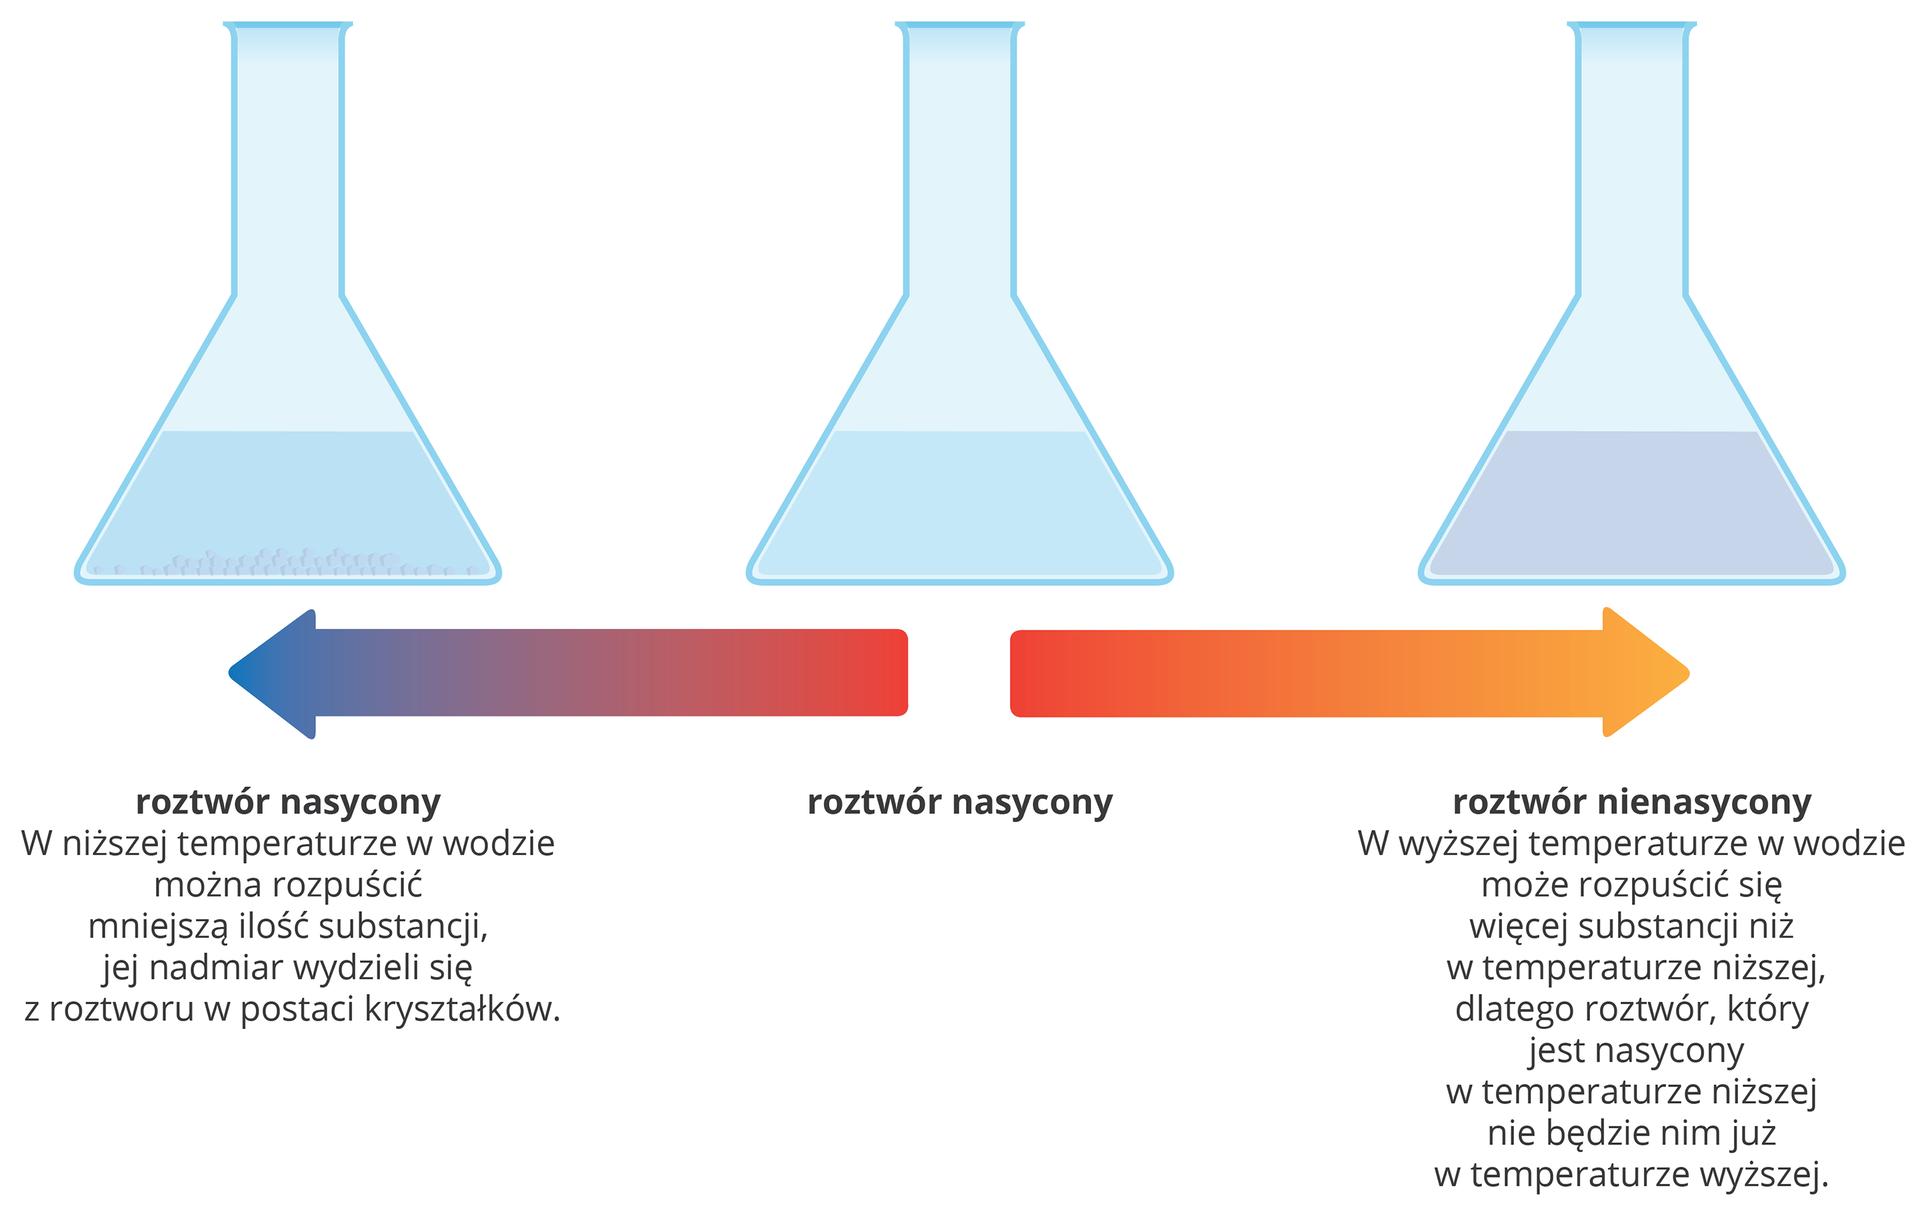 Ilustracja przedstawia schemat rozpuszczania się substancji iwytrącania jej wzależności od temperatury roztworu. Wgórnej części planszy znajdują się rysunki trzech kolb stożkowych napełnionych do takiej samej wysokości cieczą. Kolba środkowa reprezentuje roztwór nasycony itak też jest podpisana. Kolba zlewej strony reprezentuje roztwór nasycony zktórego po obniżeniu temperatury wytrącił się nadmiar rozpuszczonej substancji. Podpis głosi: wniższej temperaturze wwodzie można rozpuścić mniejszą ilość substancji, ajej nadmiar wydzieli się zroztworu wpostaci kryształków. Kolba zlewej strony reprezentuje roztwór nienasycony. Podpis poniżej głosi: Wwyższej temperaturze wwodzie może rozpuścić się więcej substancji, niż wtemperaturze niższej, dlatego roztwór, który jest nasycony wtemperaturze niższej nie będzie już nim wtemperaturze wyższej. Pomiędzy rysunkami kolb, apodpisami pod nimi znajdują się dwie grube poziome strzałki wiodące od środka planszy wkierunkach zewnętrznych, wlewo iprawo. Strzałka wiodąca wlewo stopniowo przechodzi zkoloru czerwonego na początku wniebieski na końcu, co symbolizuje coraz niższą temperaturę. Strzałka wiodąca wprawo stopniowo przechodzi zkoloru czerwonego na początku wżółty na końcu, co symbolizuje coraz wyższą temperaturę.